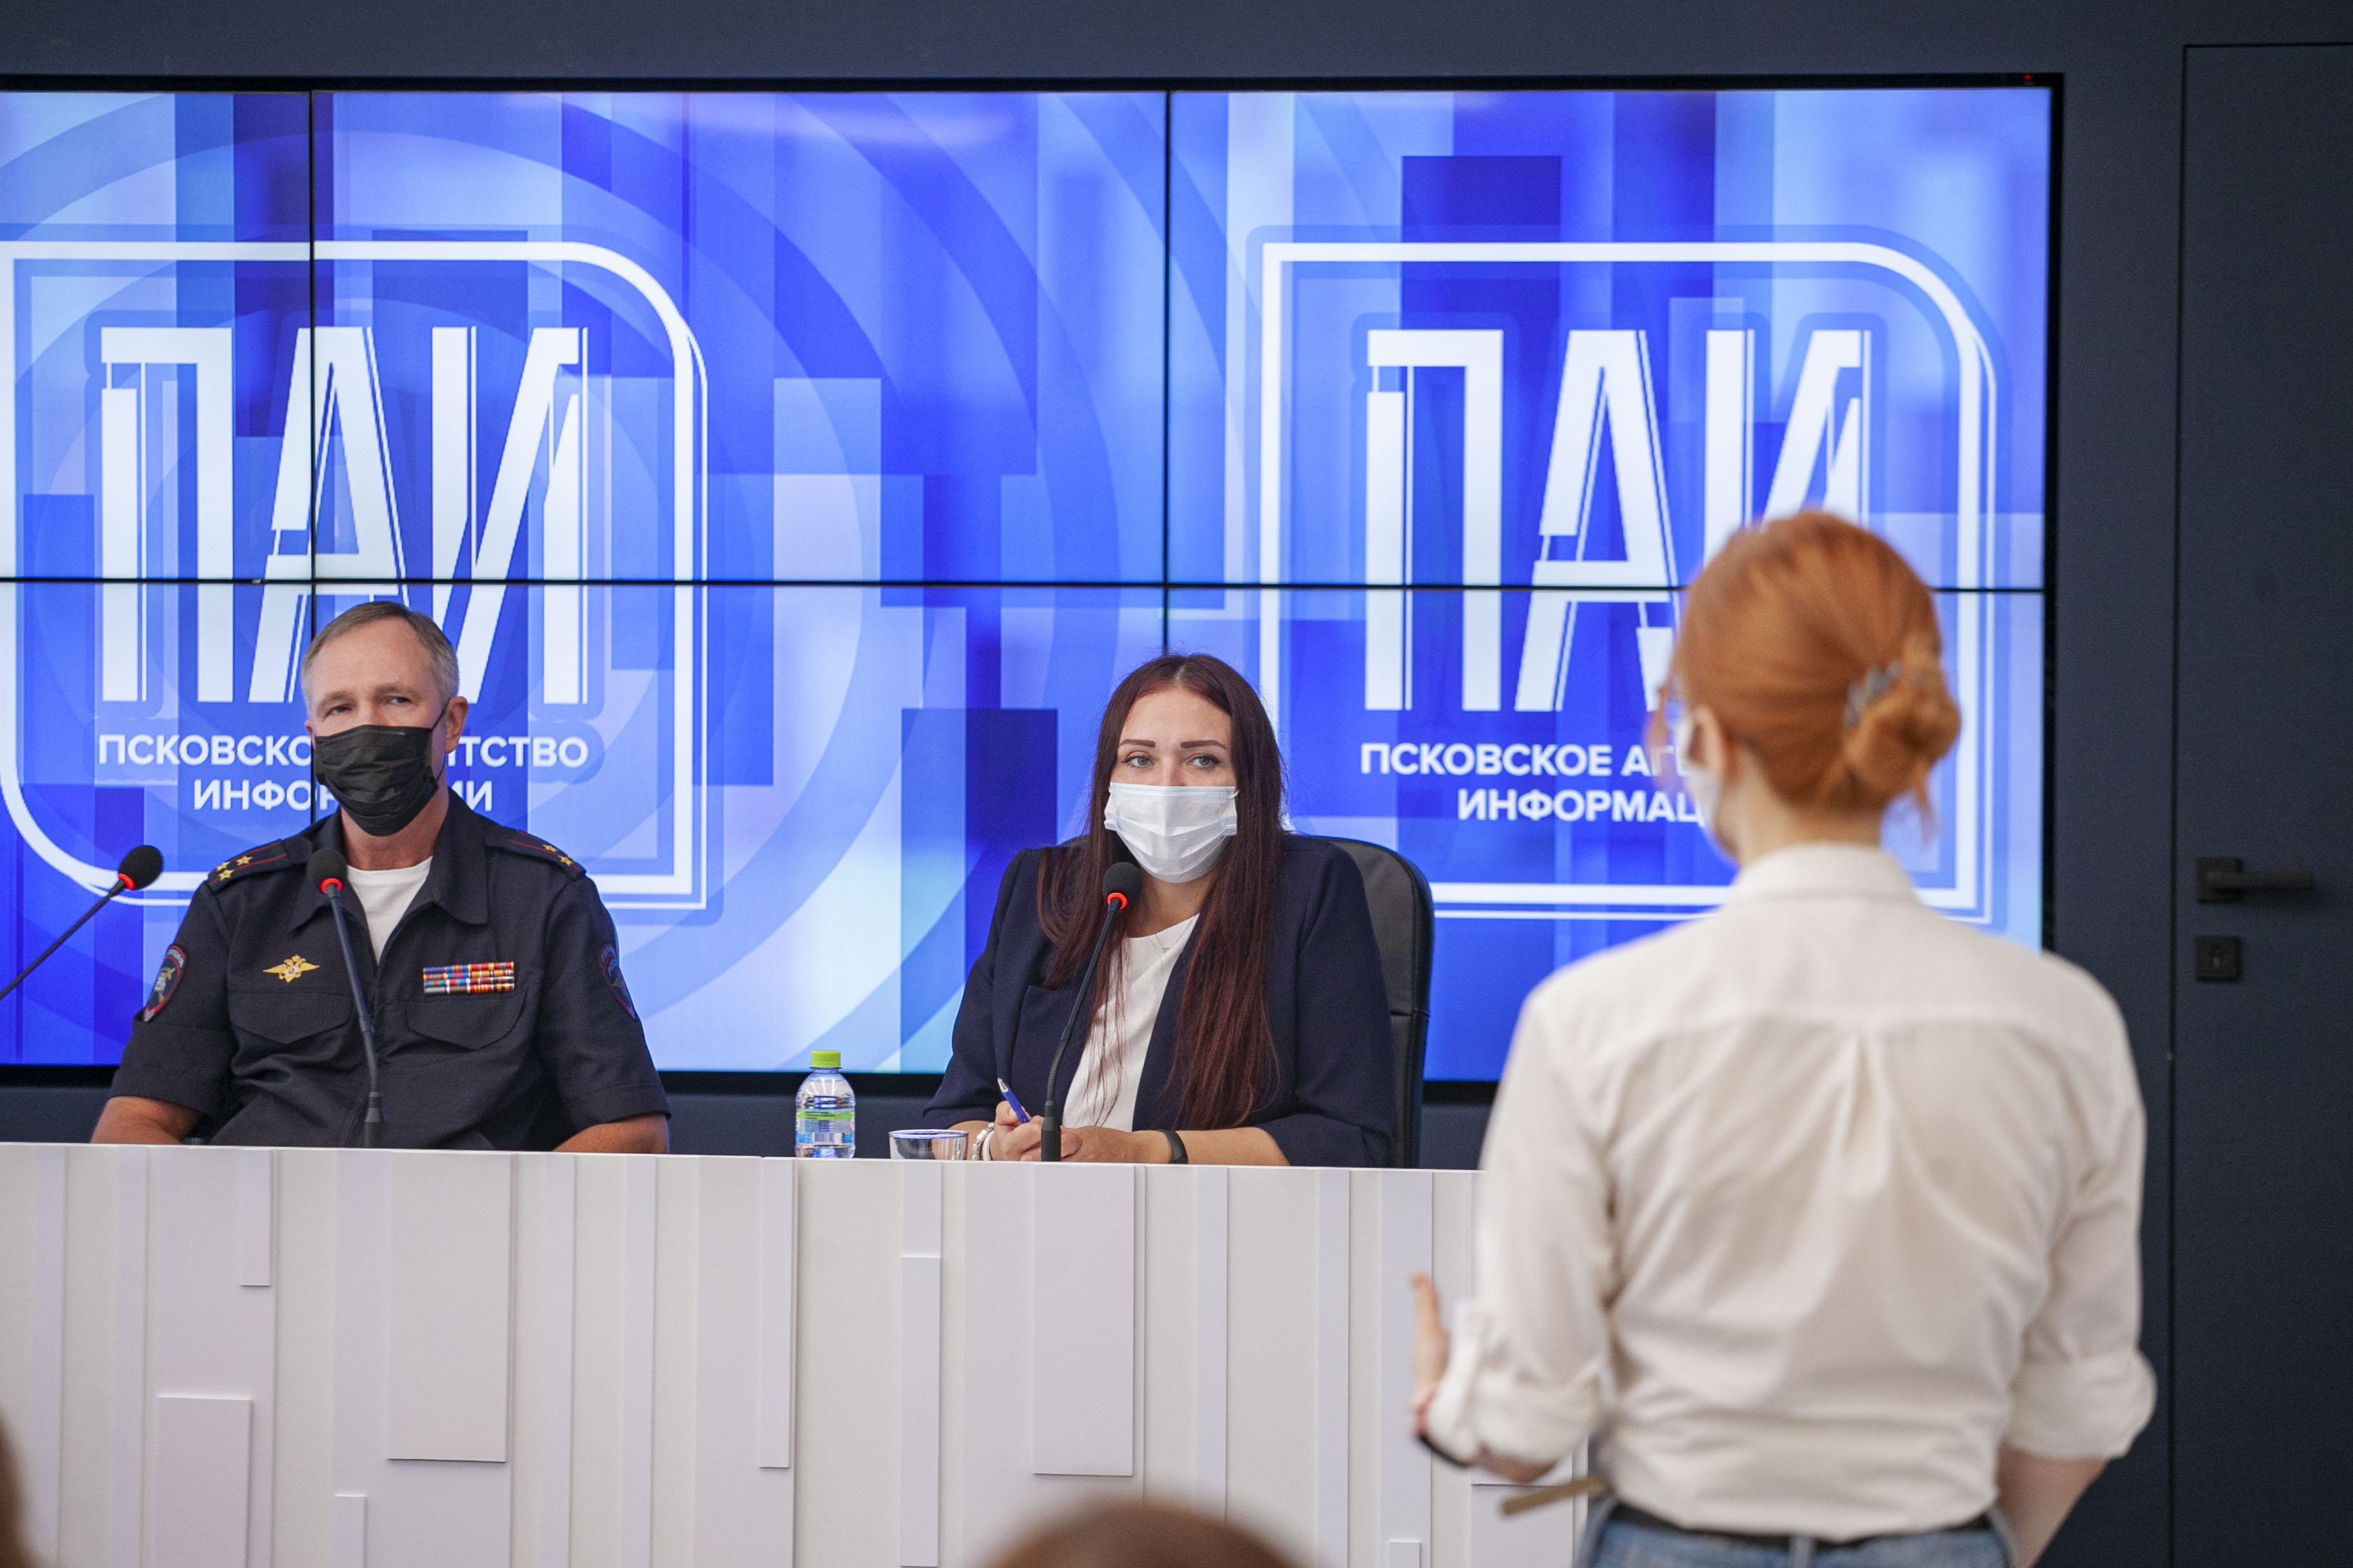 От теории к практике: студенты факультета журналистики посетили Псковское агентство информации 16